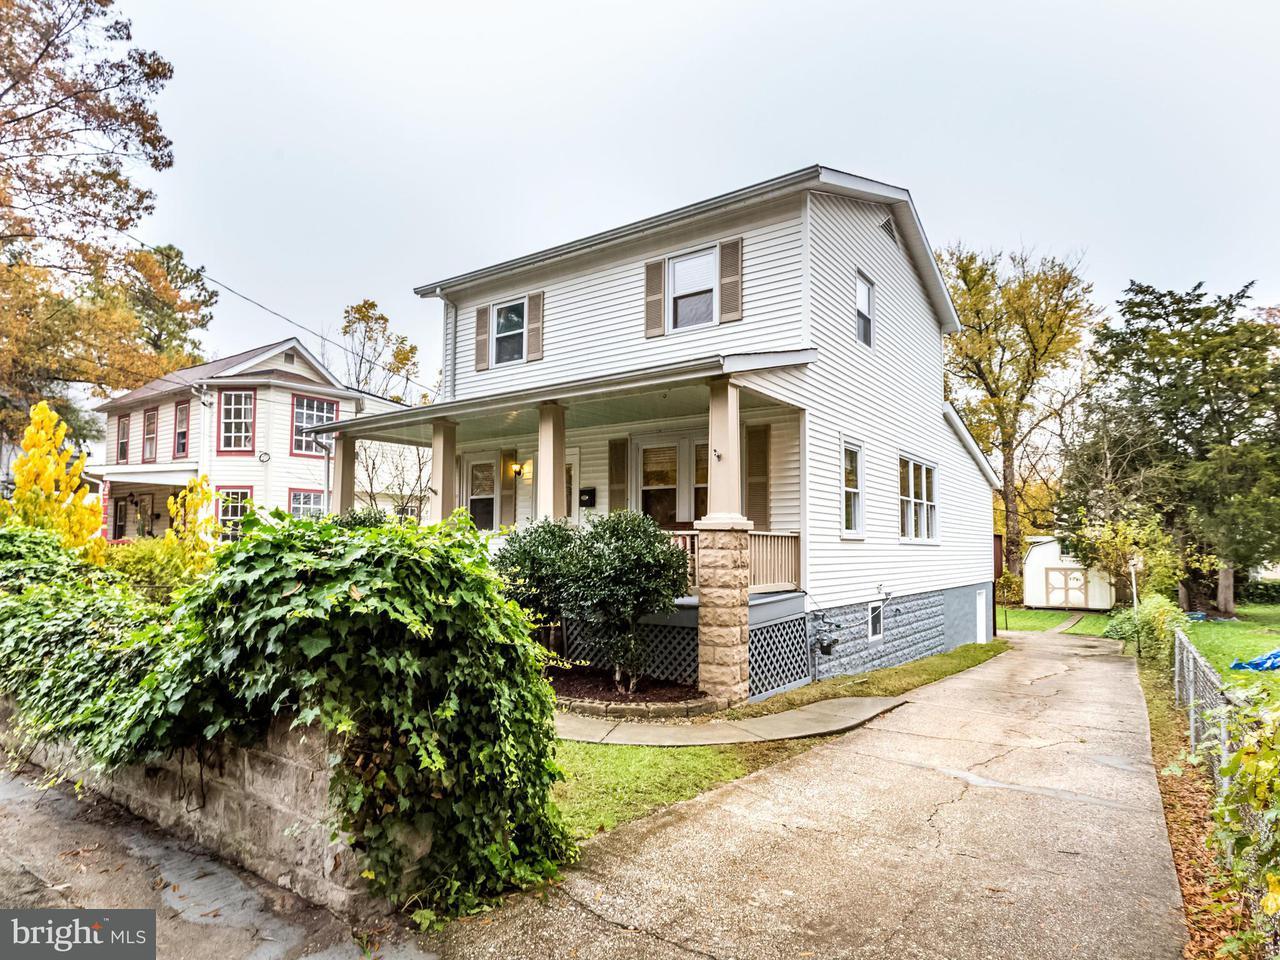 Einfamilienhaus für Verkauf beim 4111 29TH Street 4111 29TH Street Mount Rainier, Maryland 20712 Vereinigte Staaten